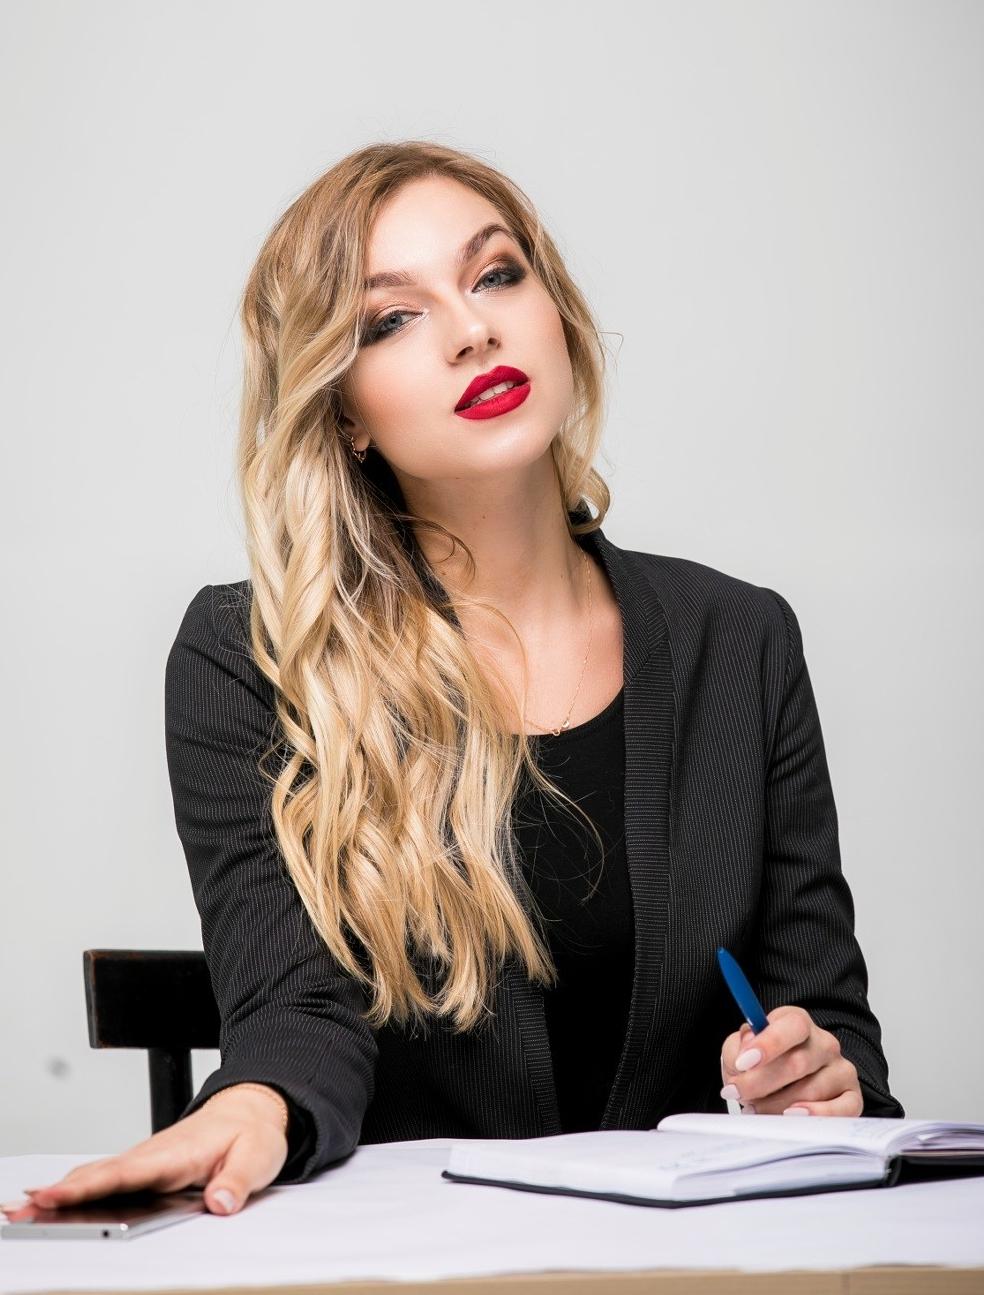 Работа в новосибирске для девушек в офисе девушка создана для любви а не для работы